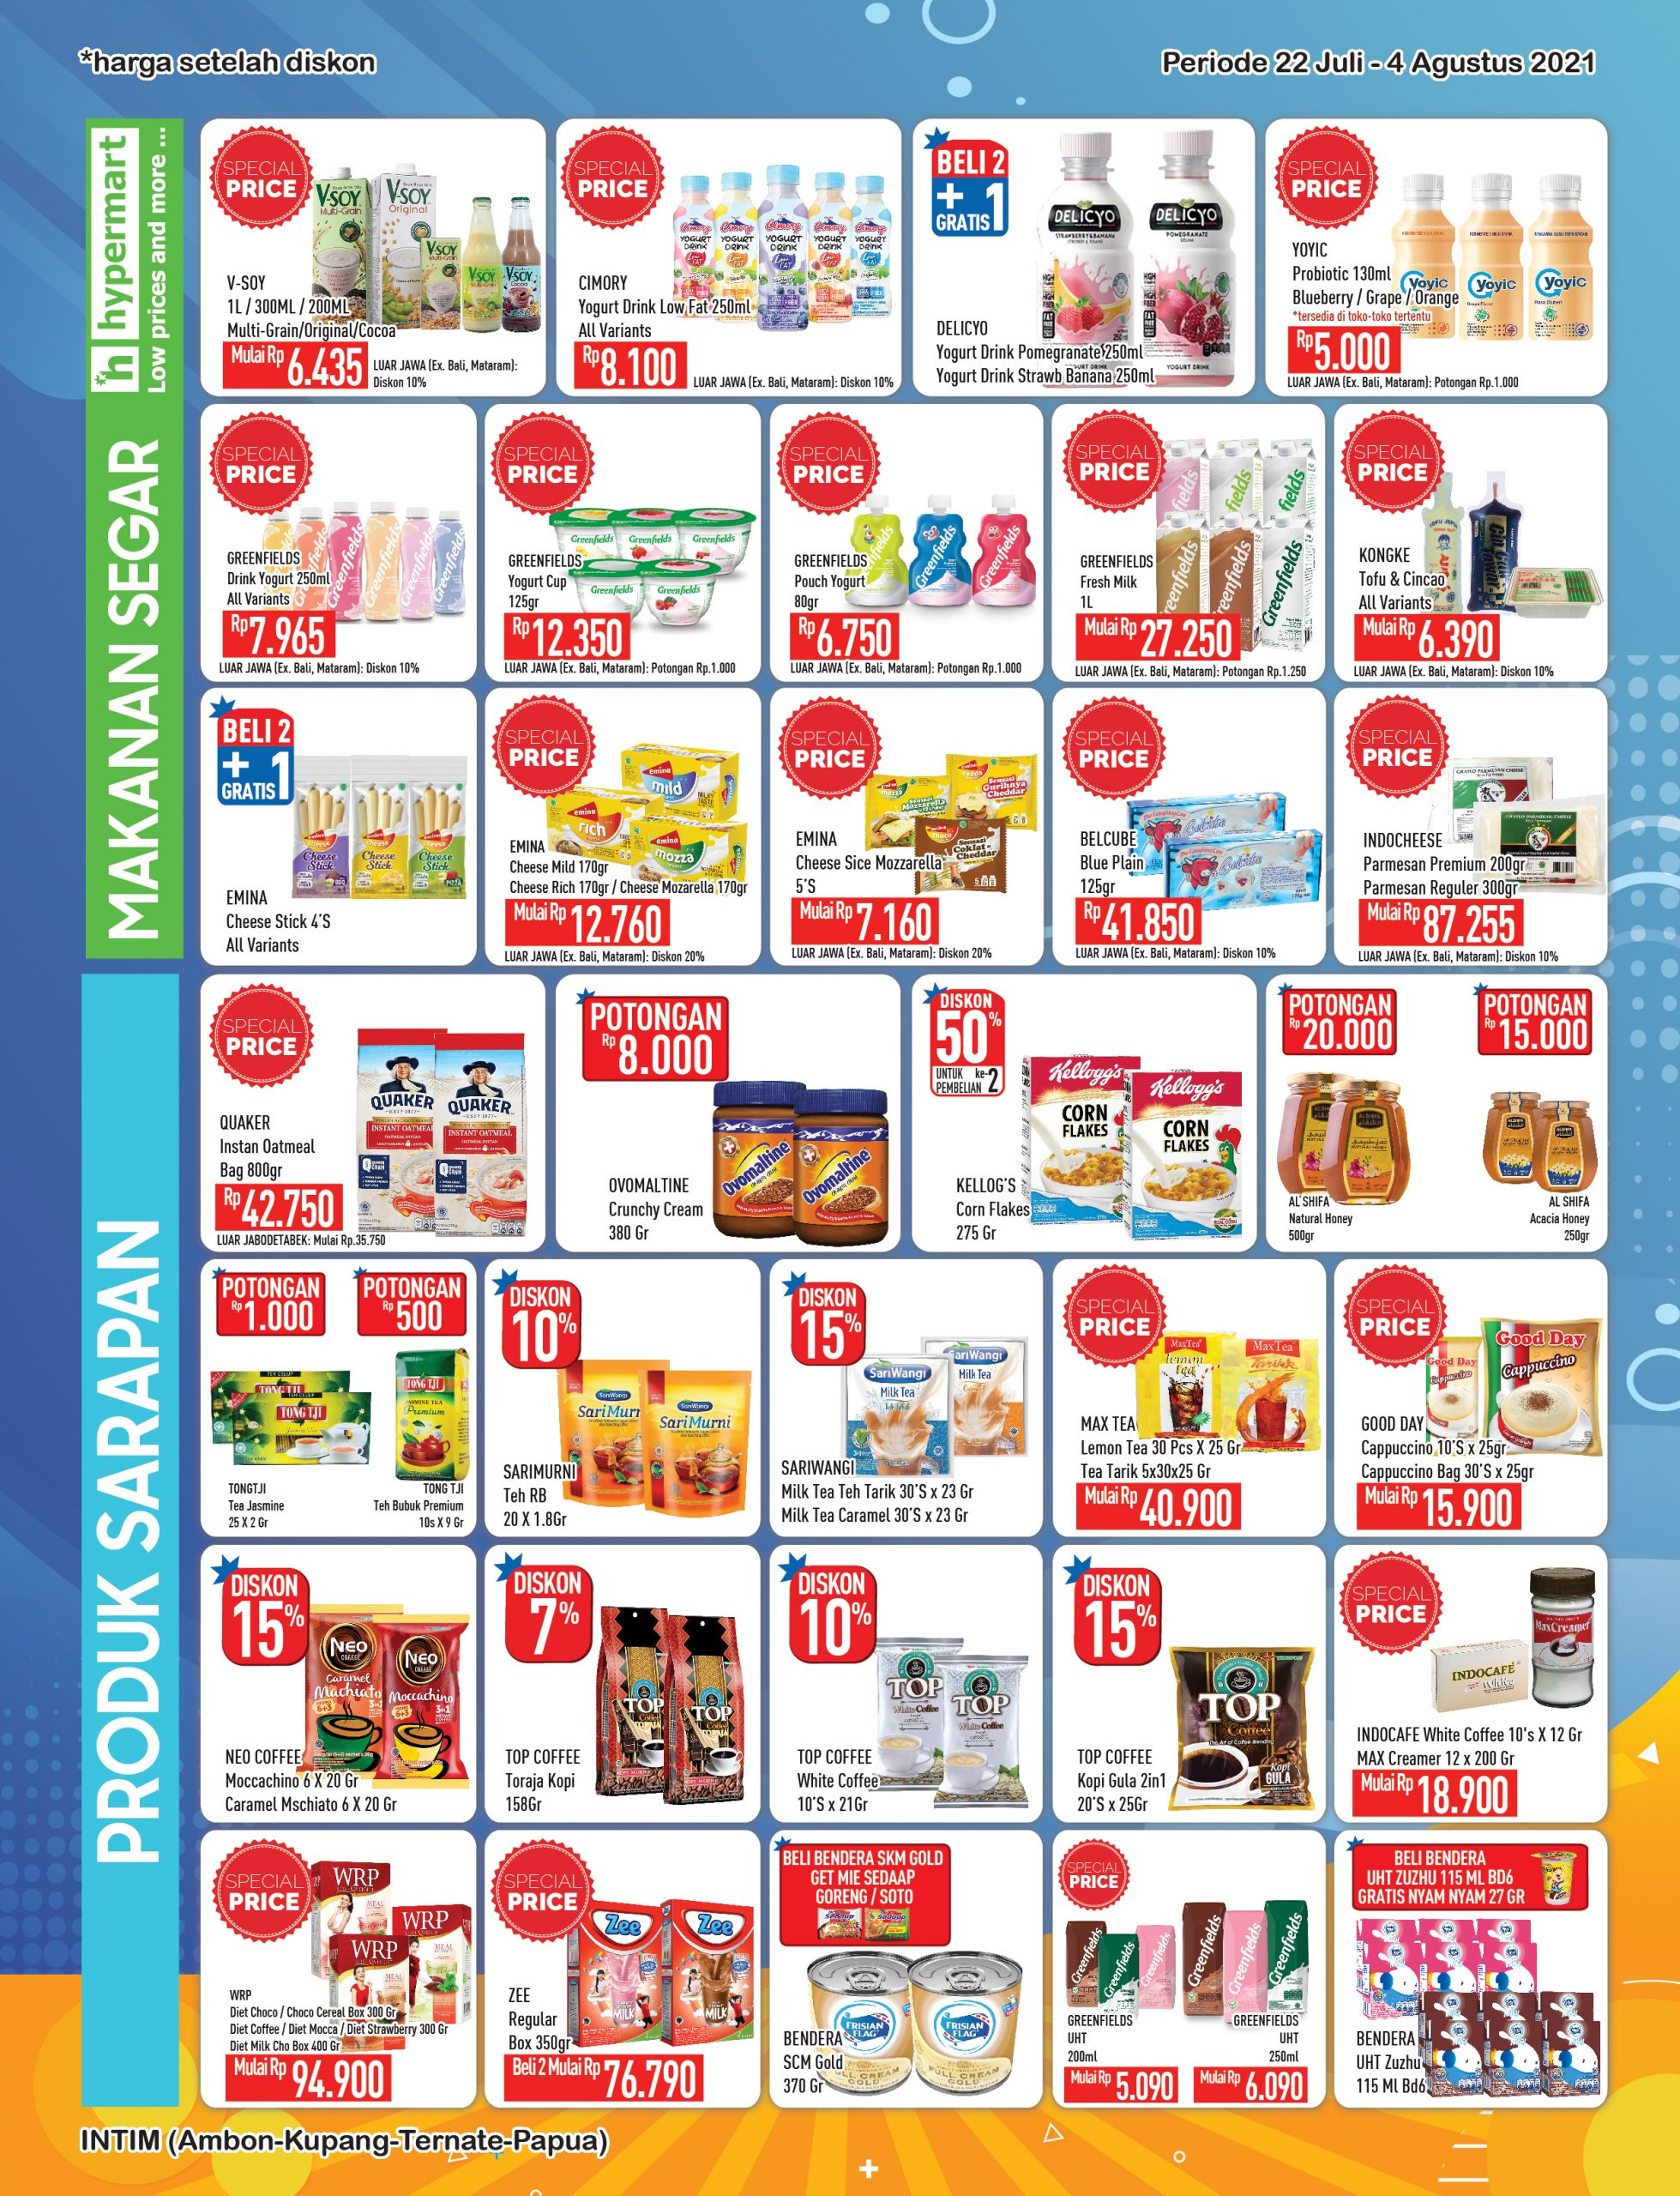 Promo Hypermart Katalog Belanja Mingguan periode 22 Juli - 04 Agustus 2021